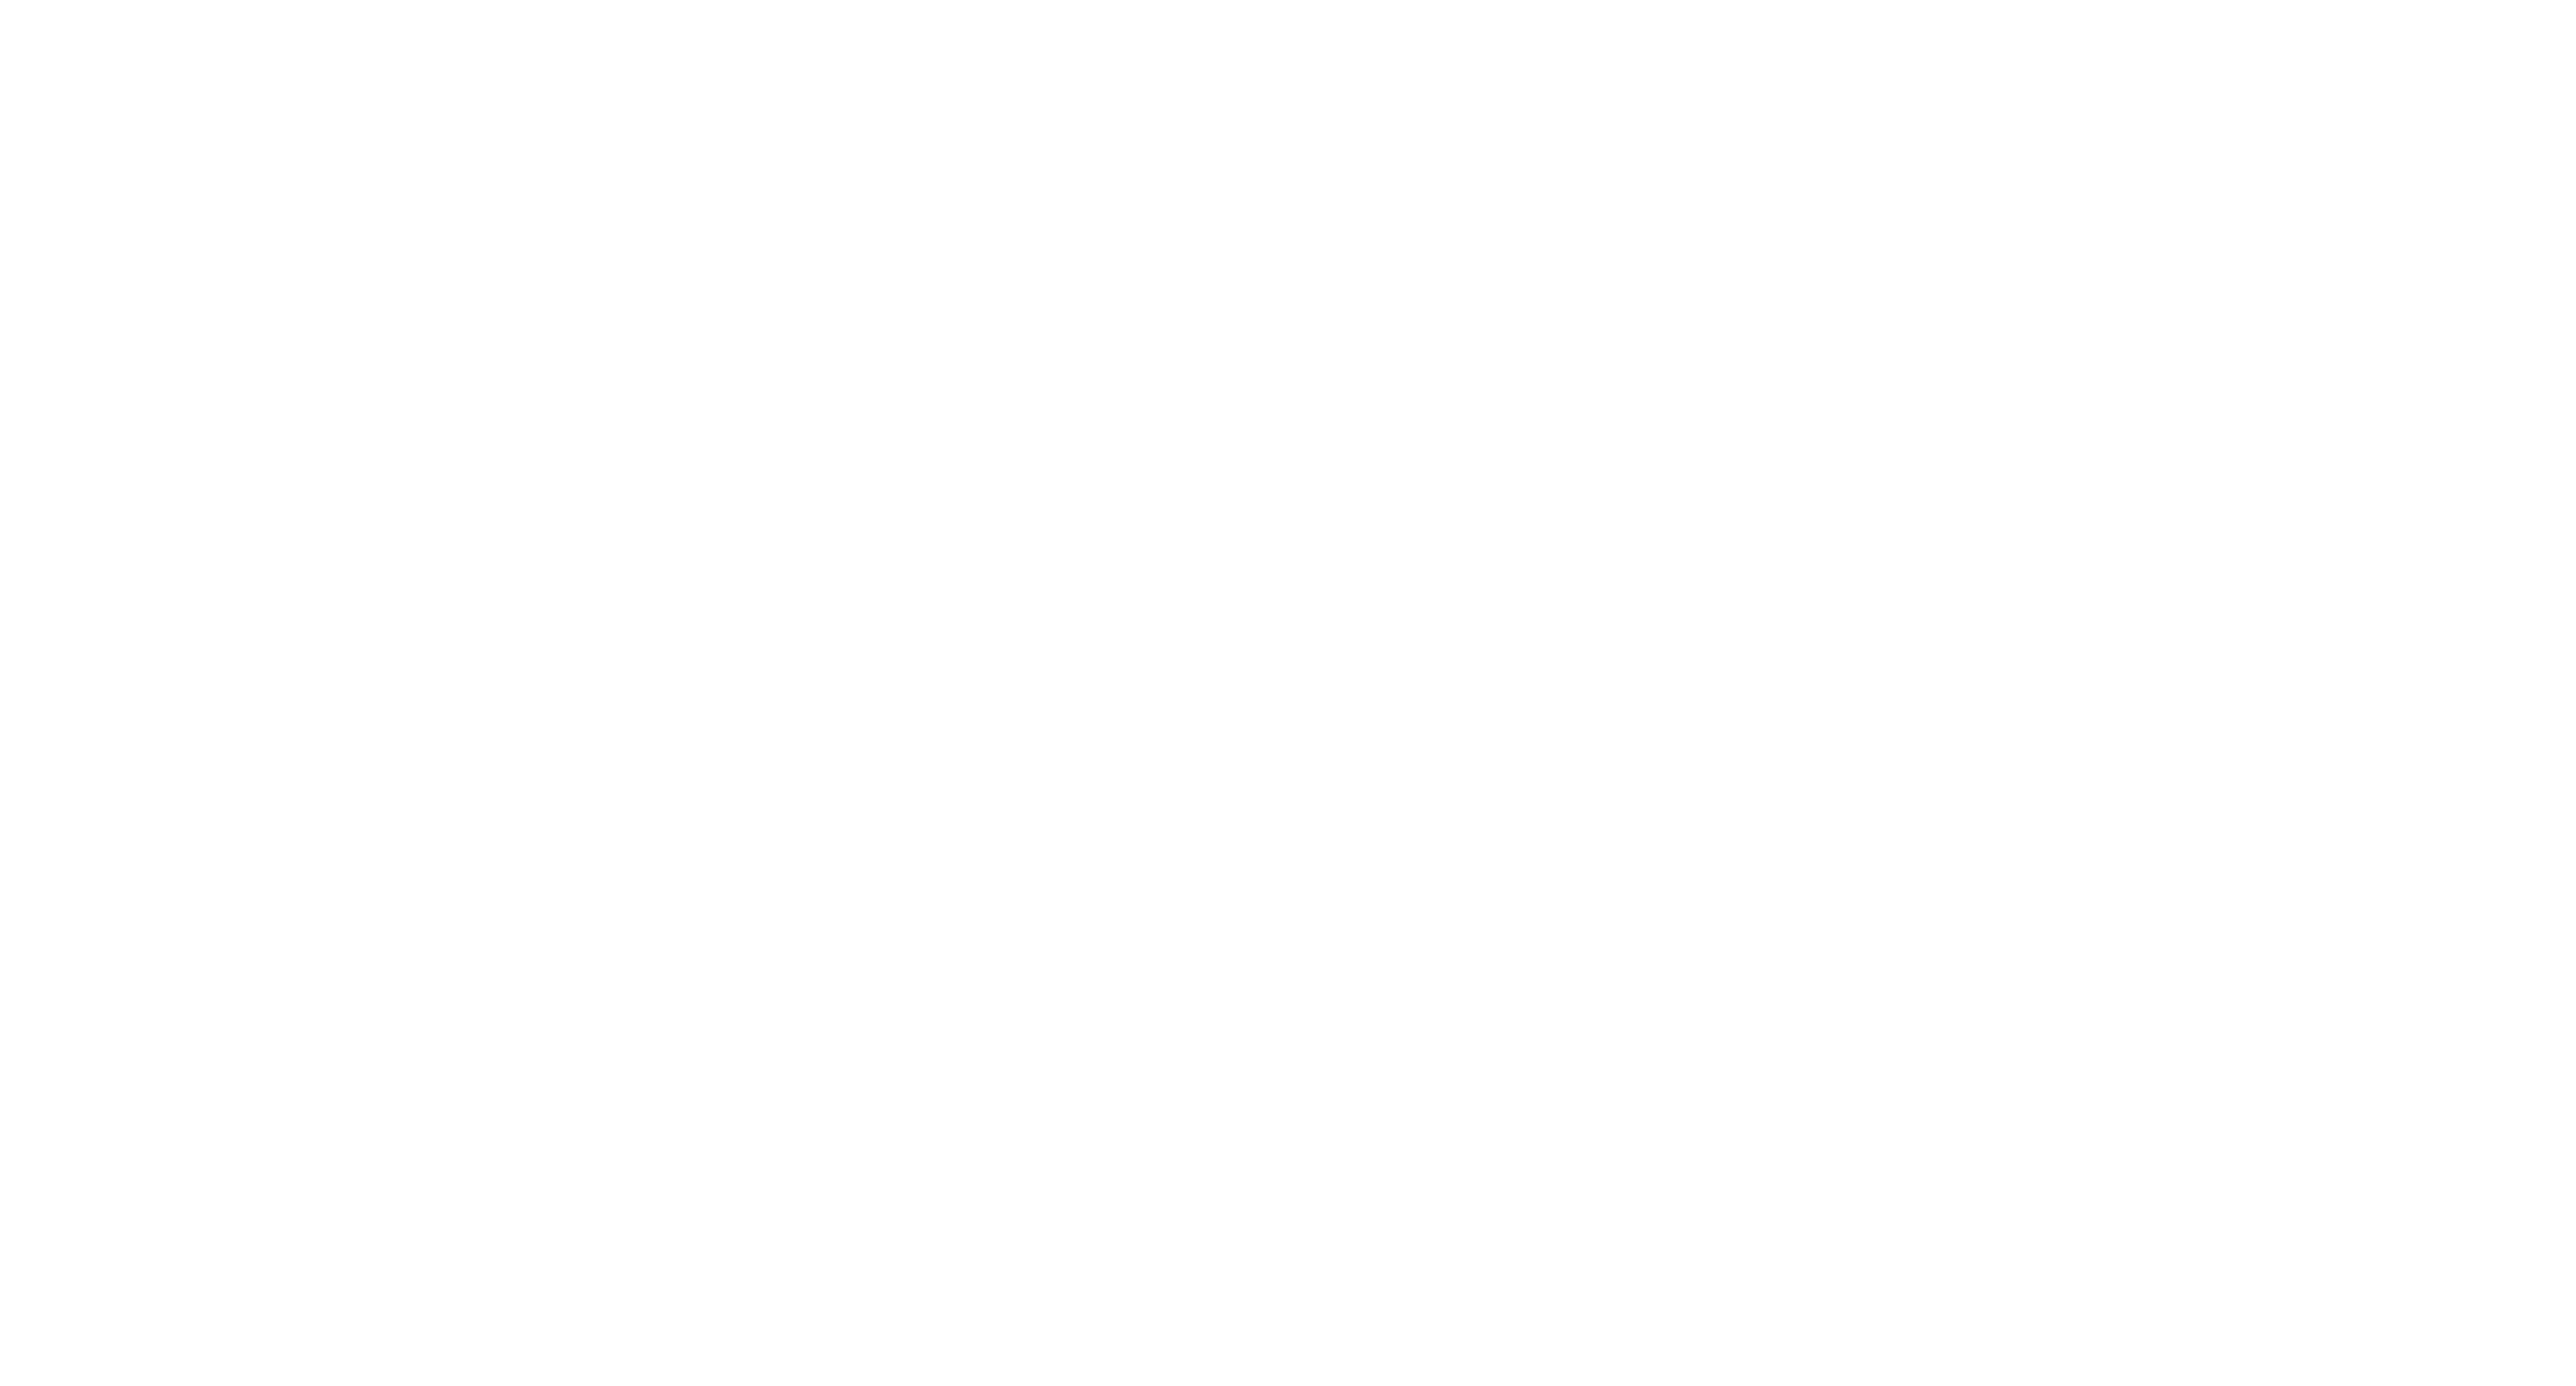 Hollandvormgevers